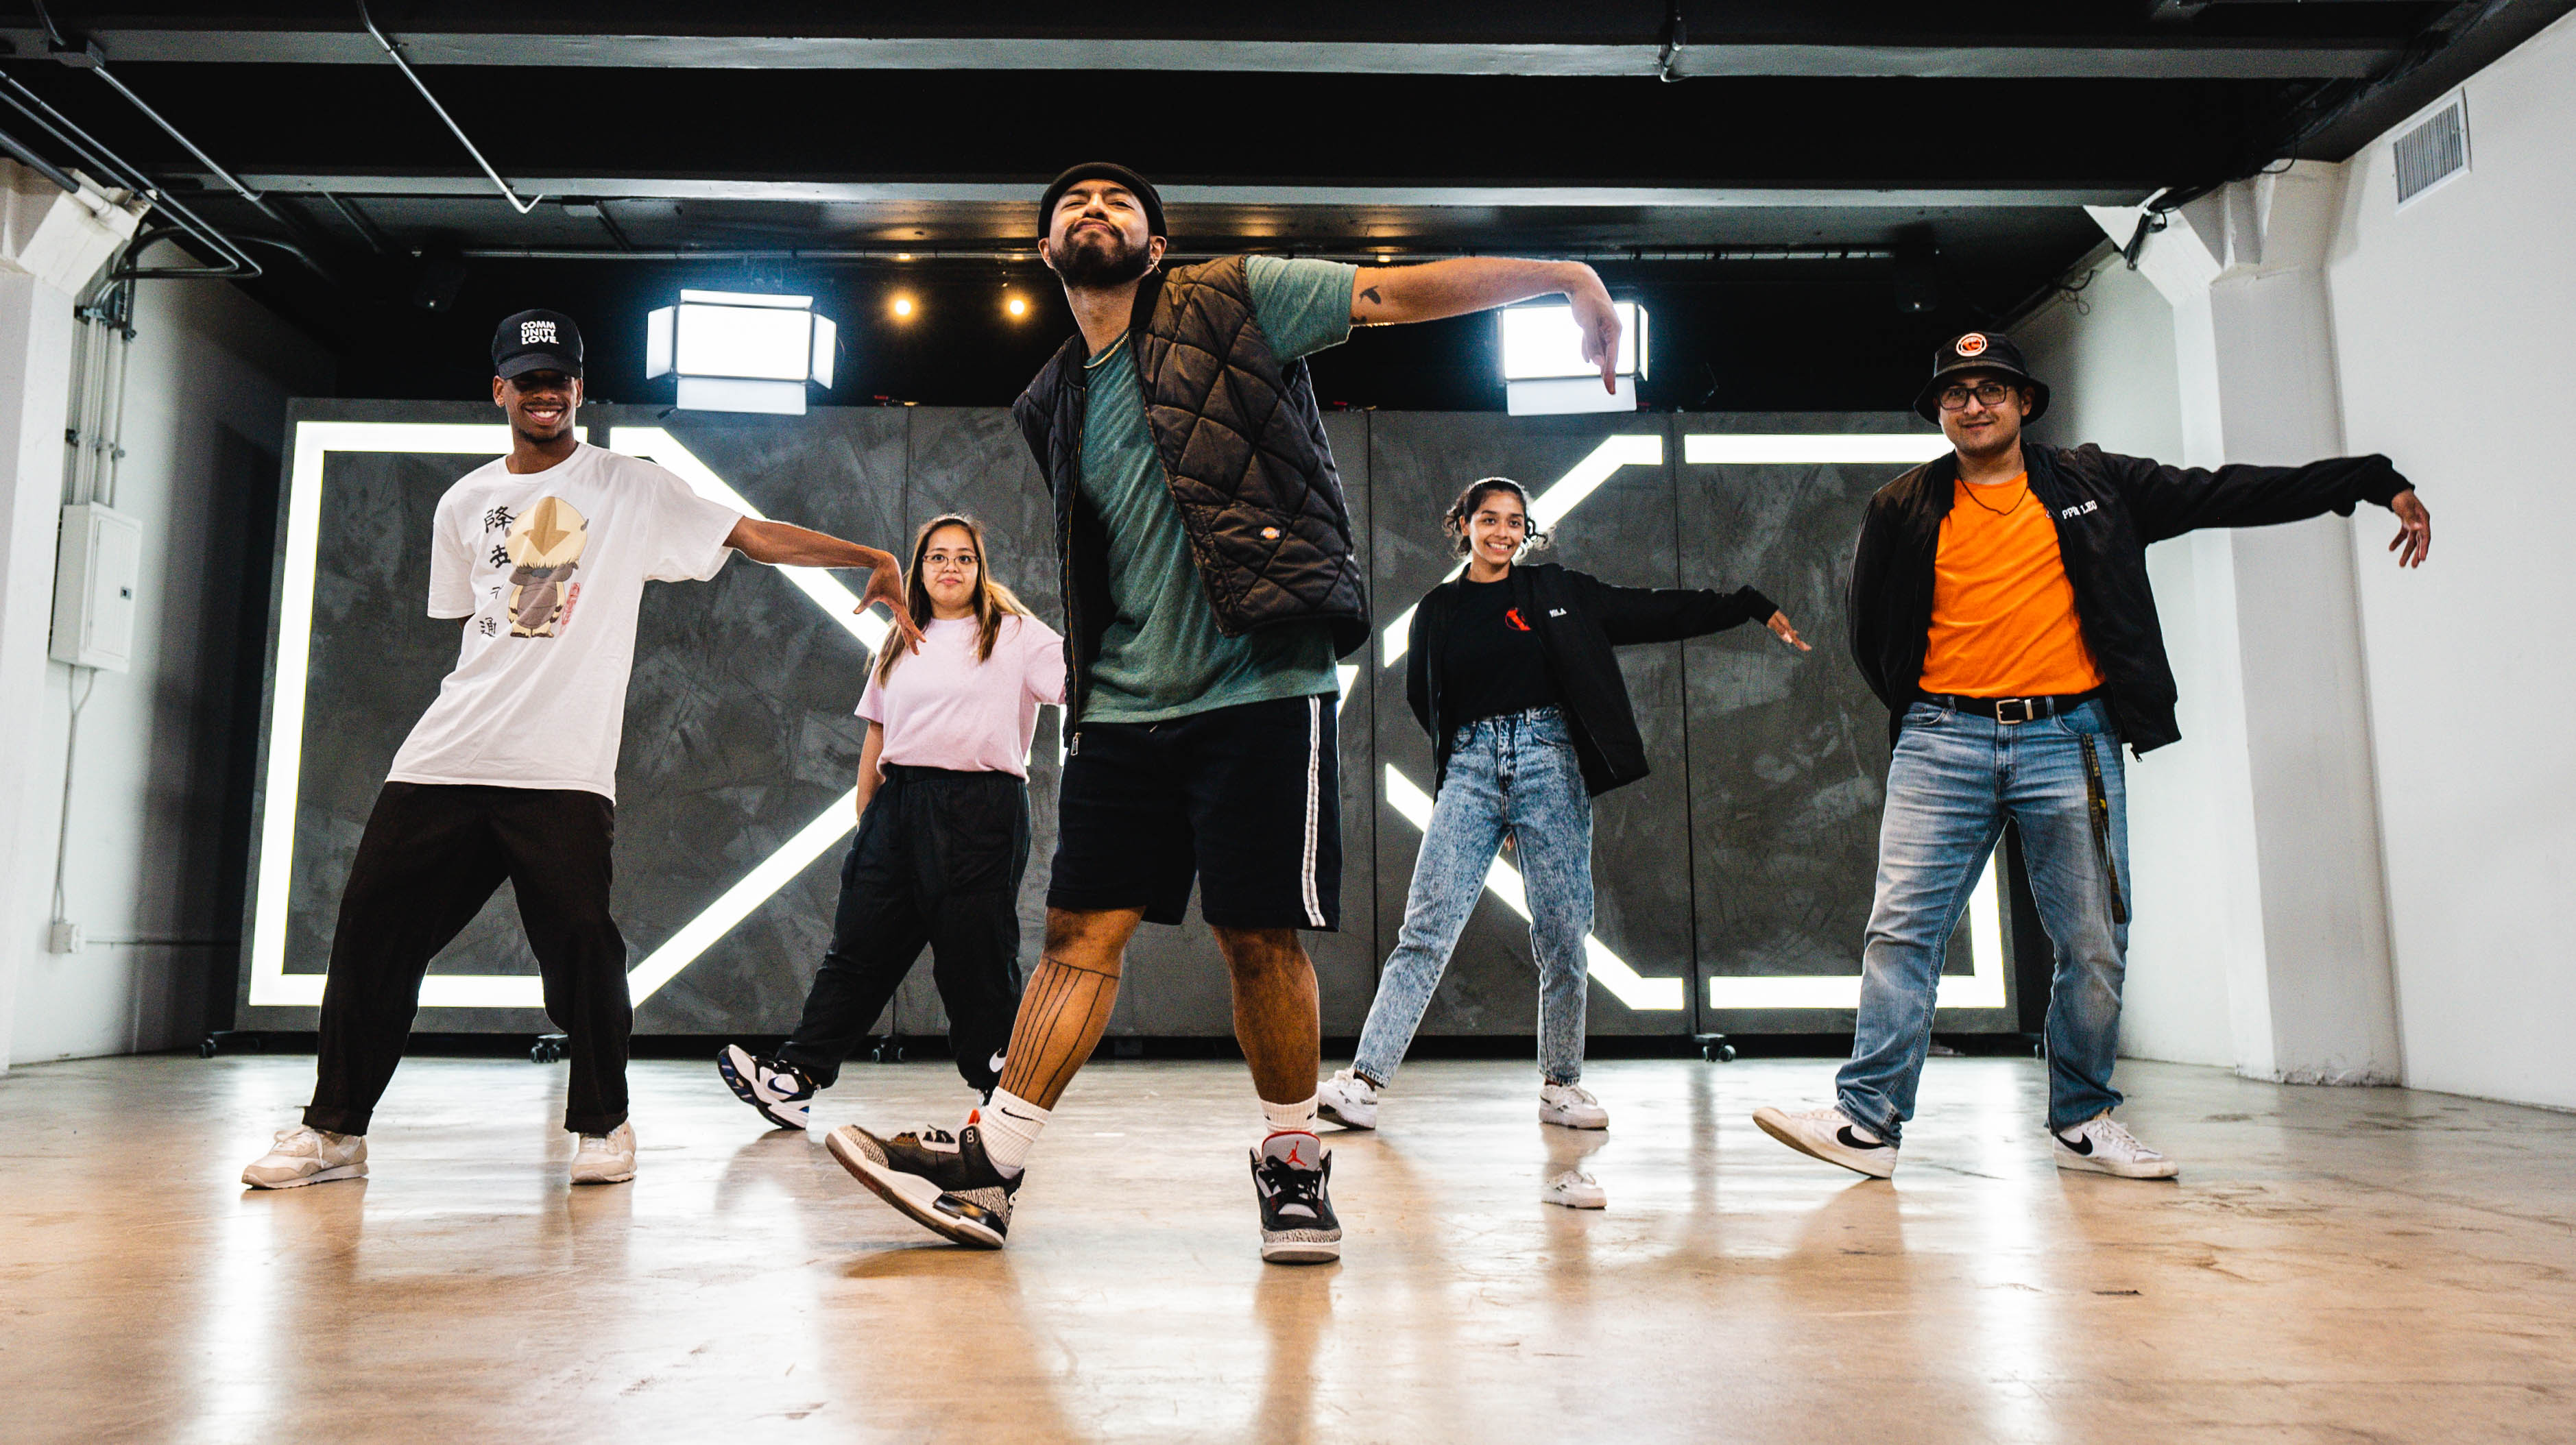 dancers grooving together